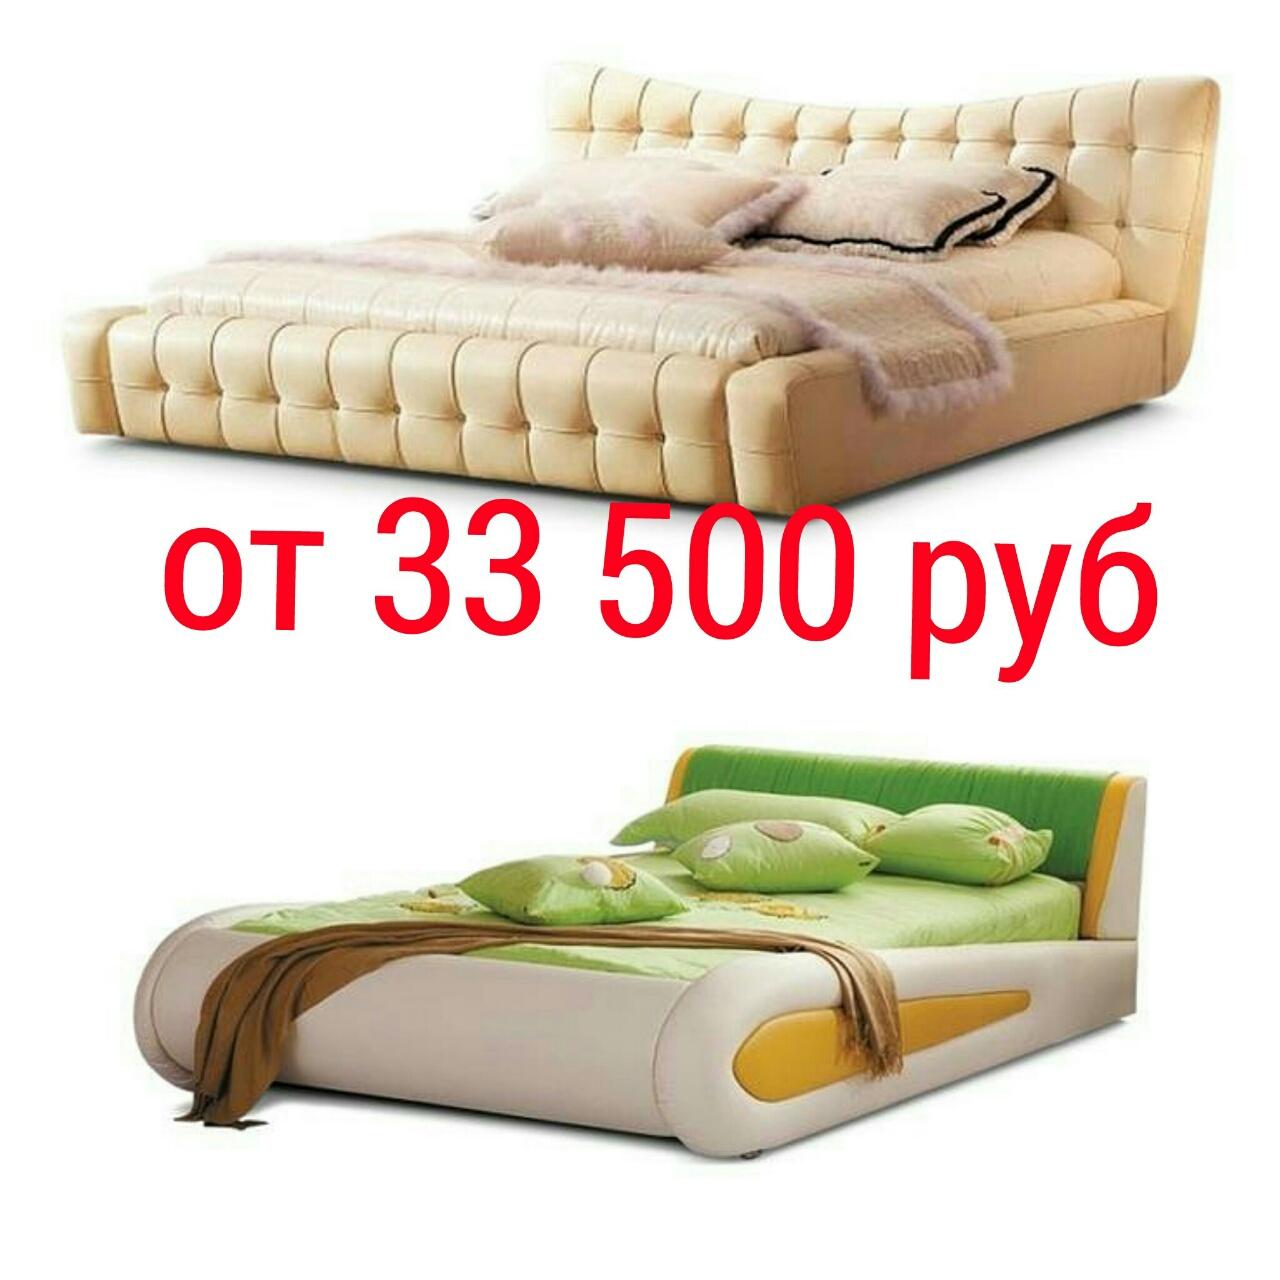 image-84428c6f242d1db5f3a342babe8947501a8e8f381c98301b1f0acfb376bc3a74-V.jpg